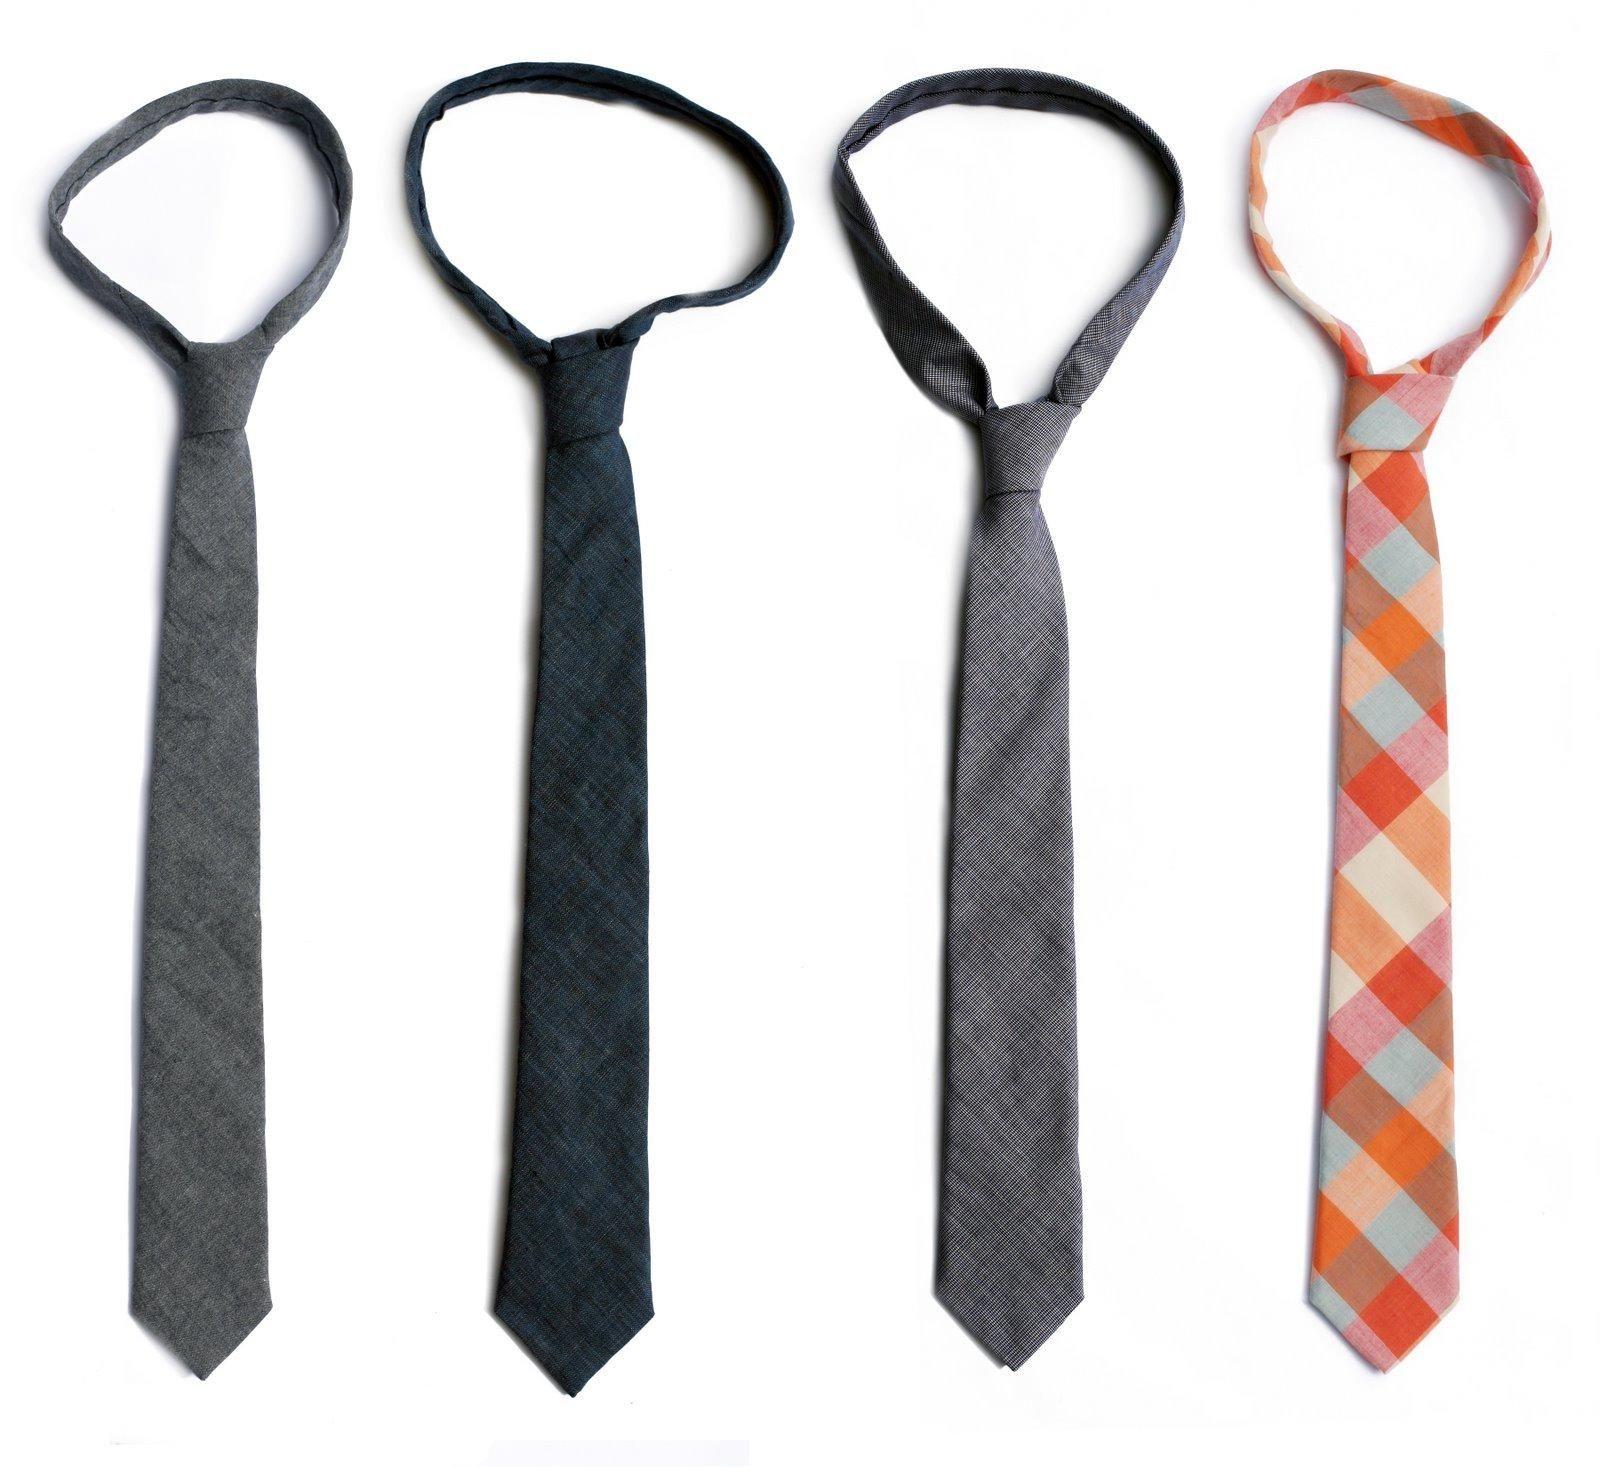 tie dream meaning, dream about tie, tie dream interpretation, seeing in a dream tie